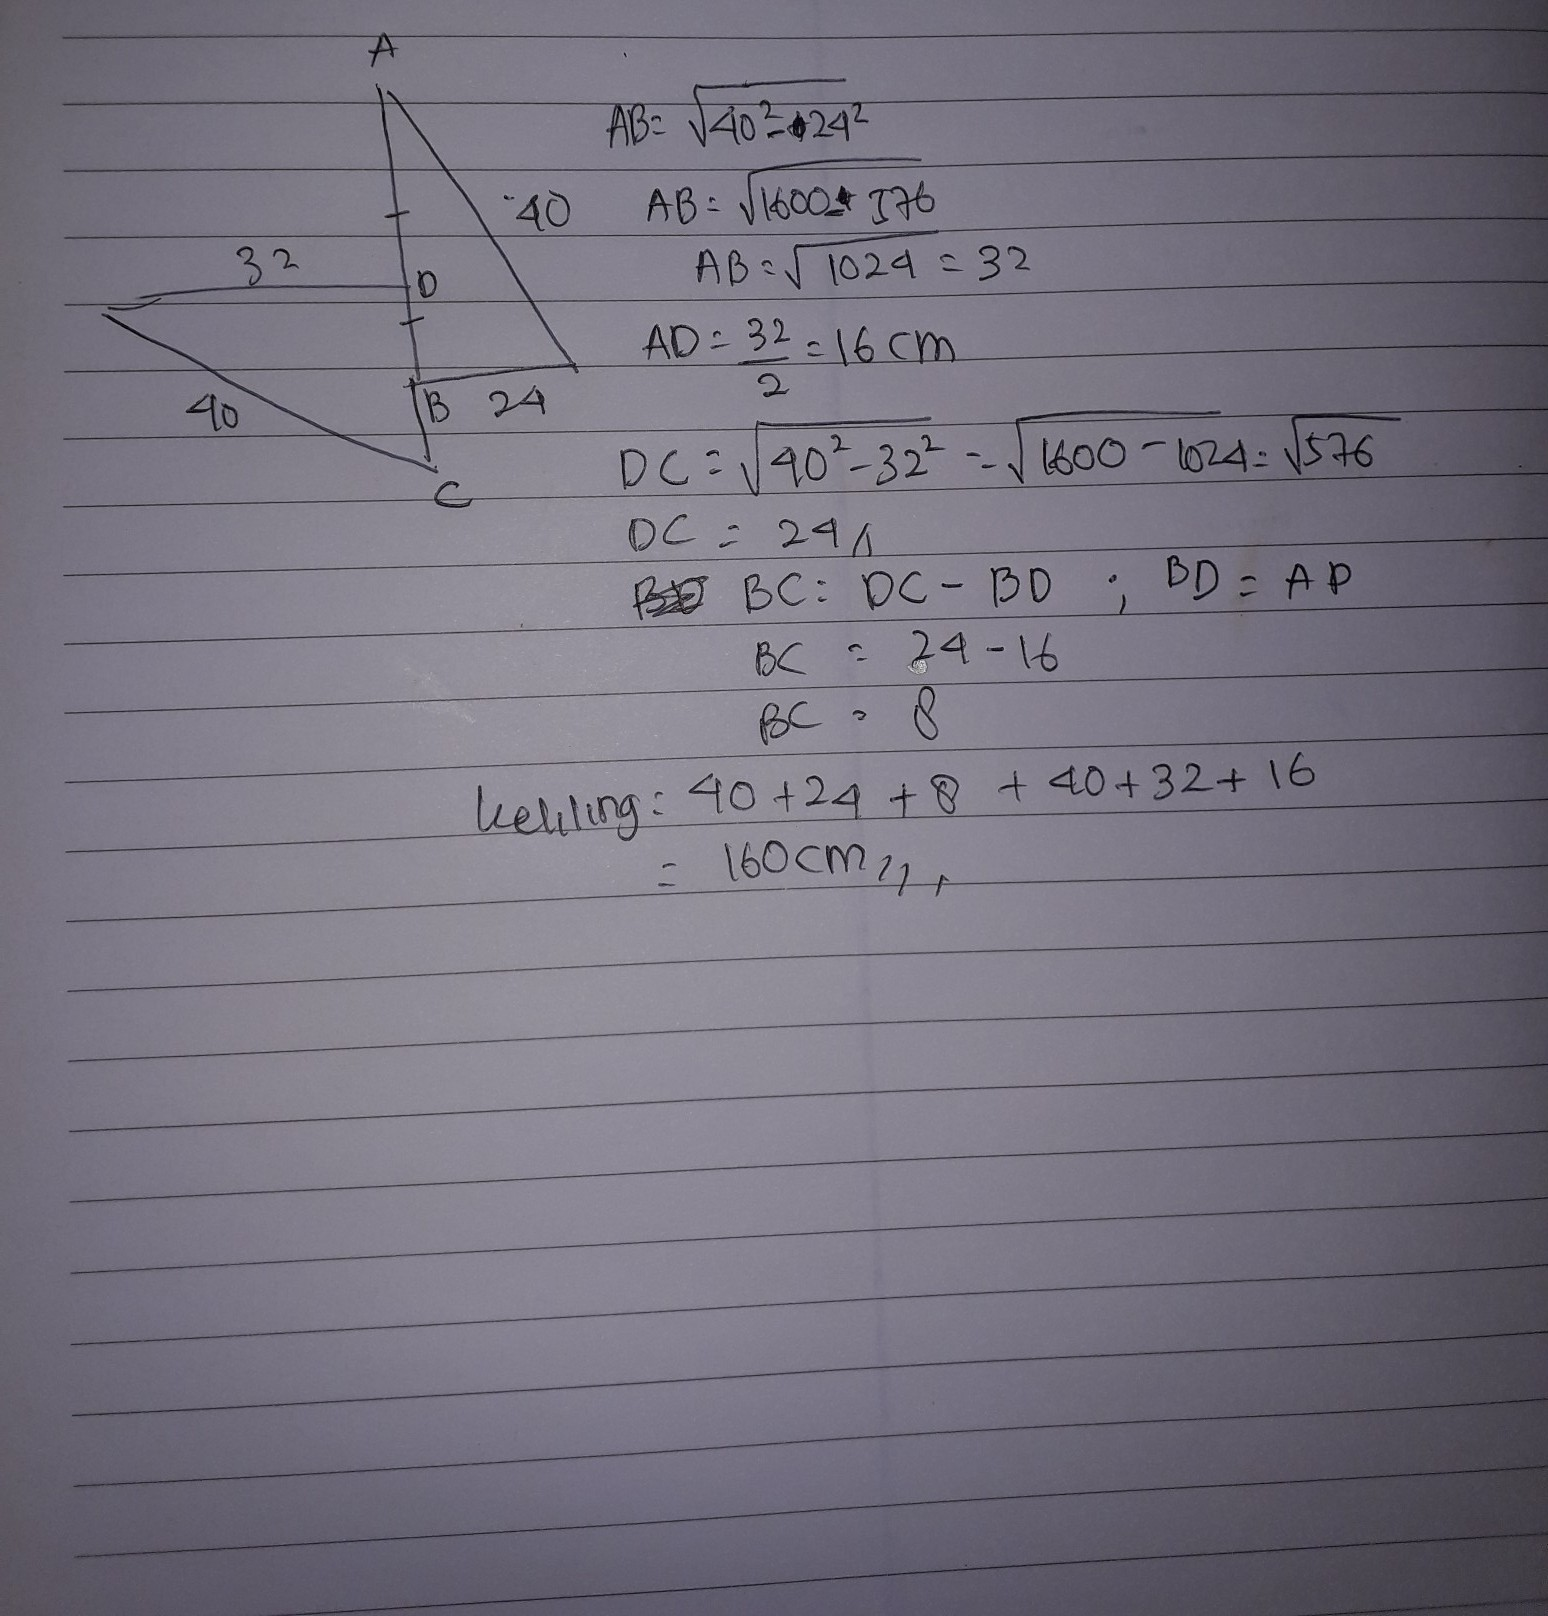 Pada gambar berikut, panjang FL = KD = 24 cm, FK = 8 cm ...